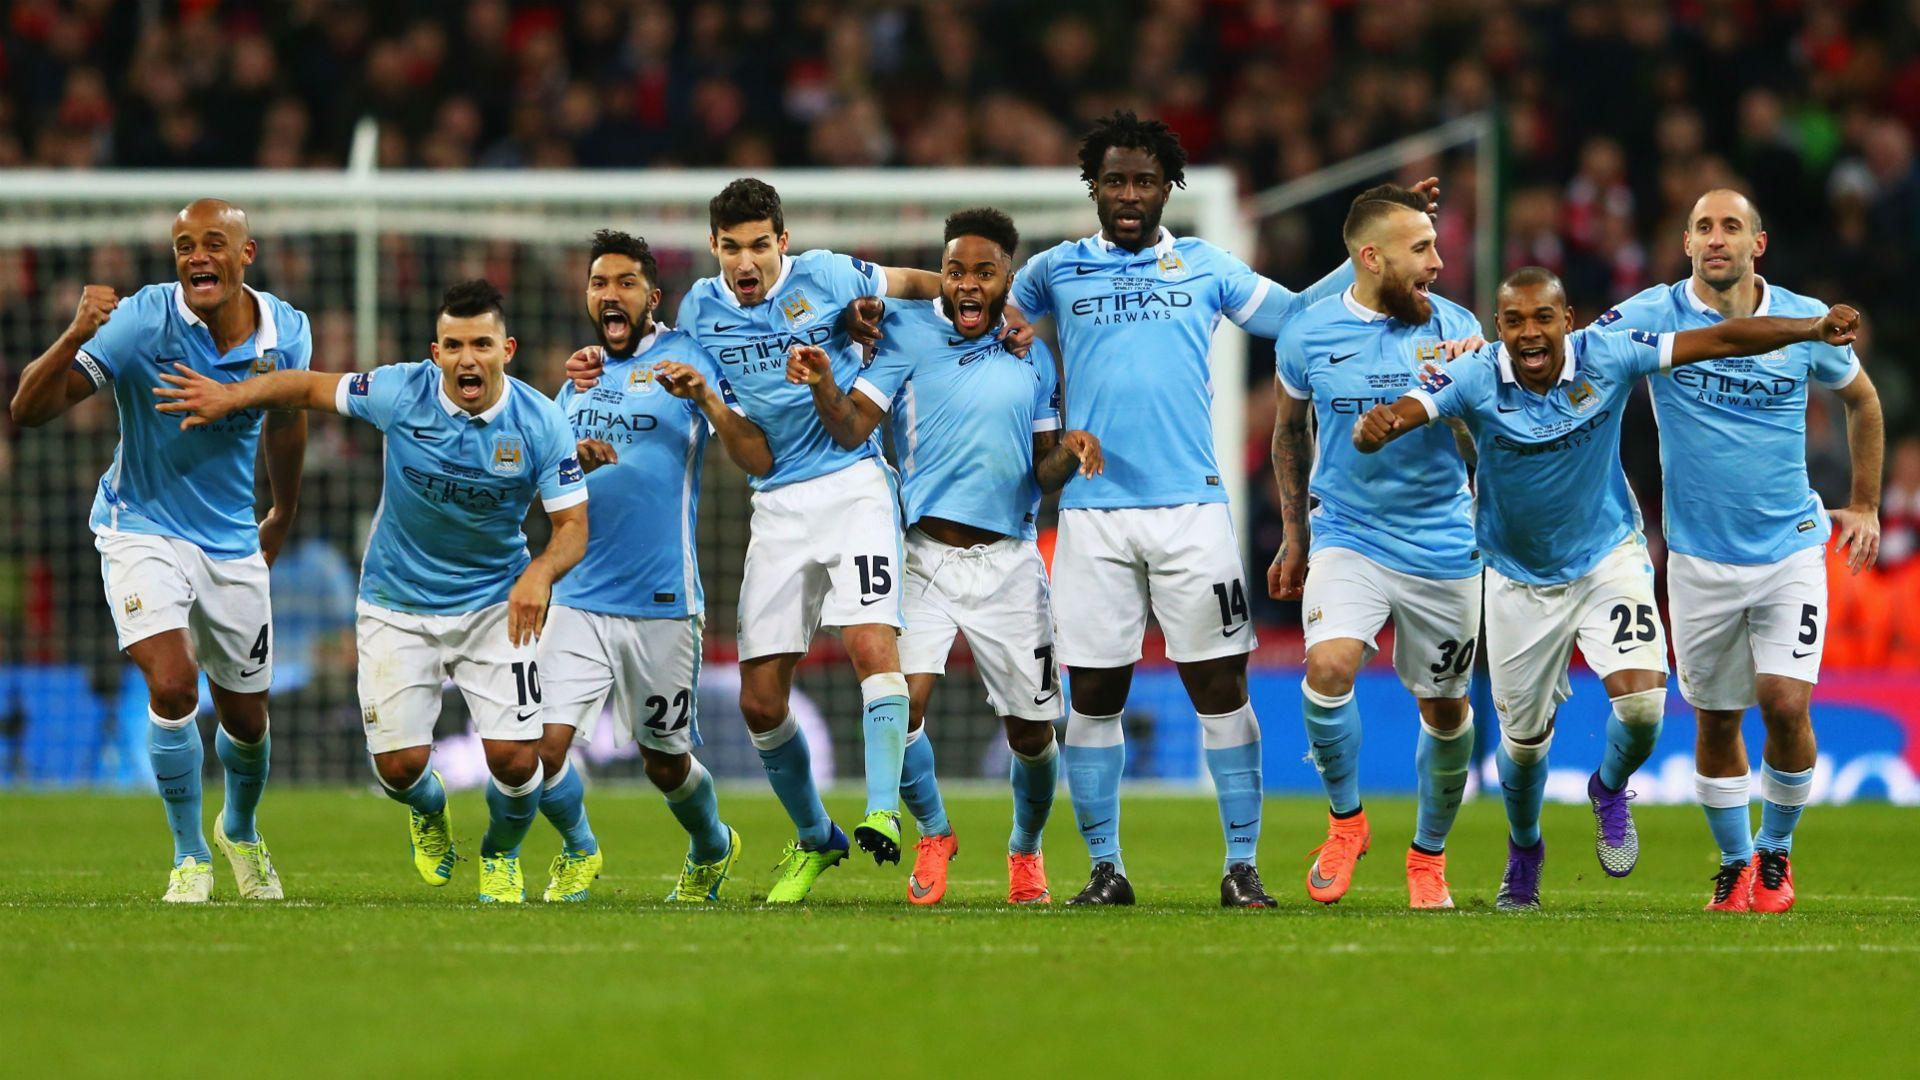 Manchester City Cool HD Wallpaper